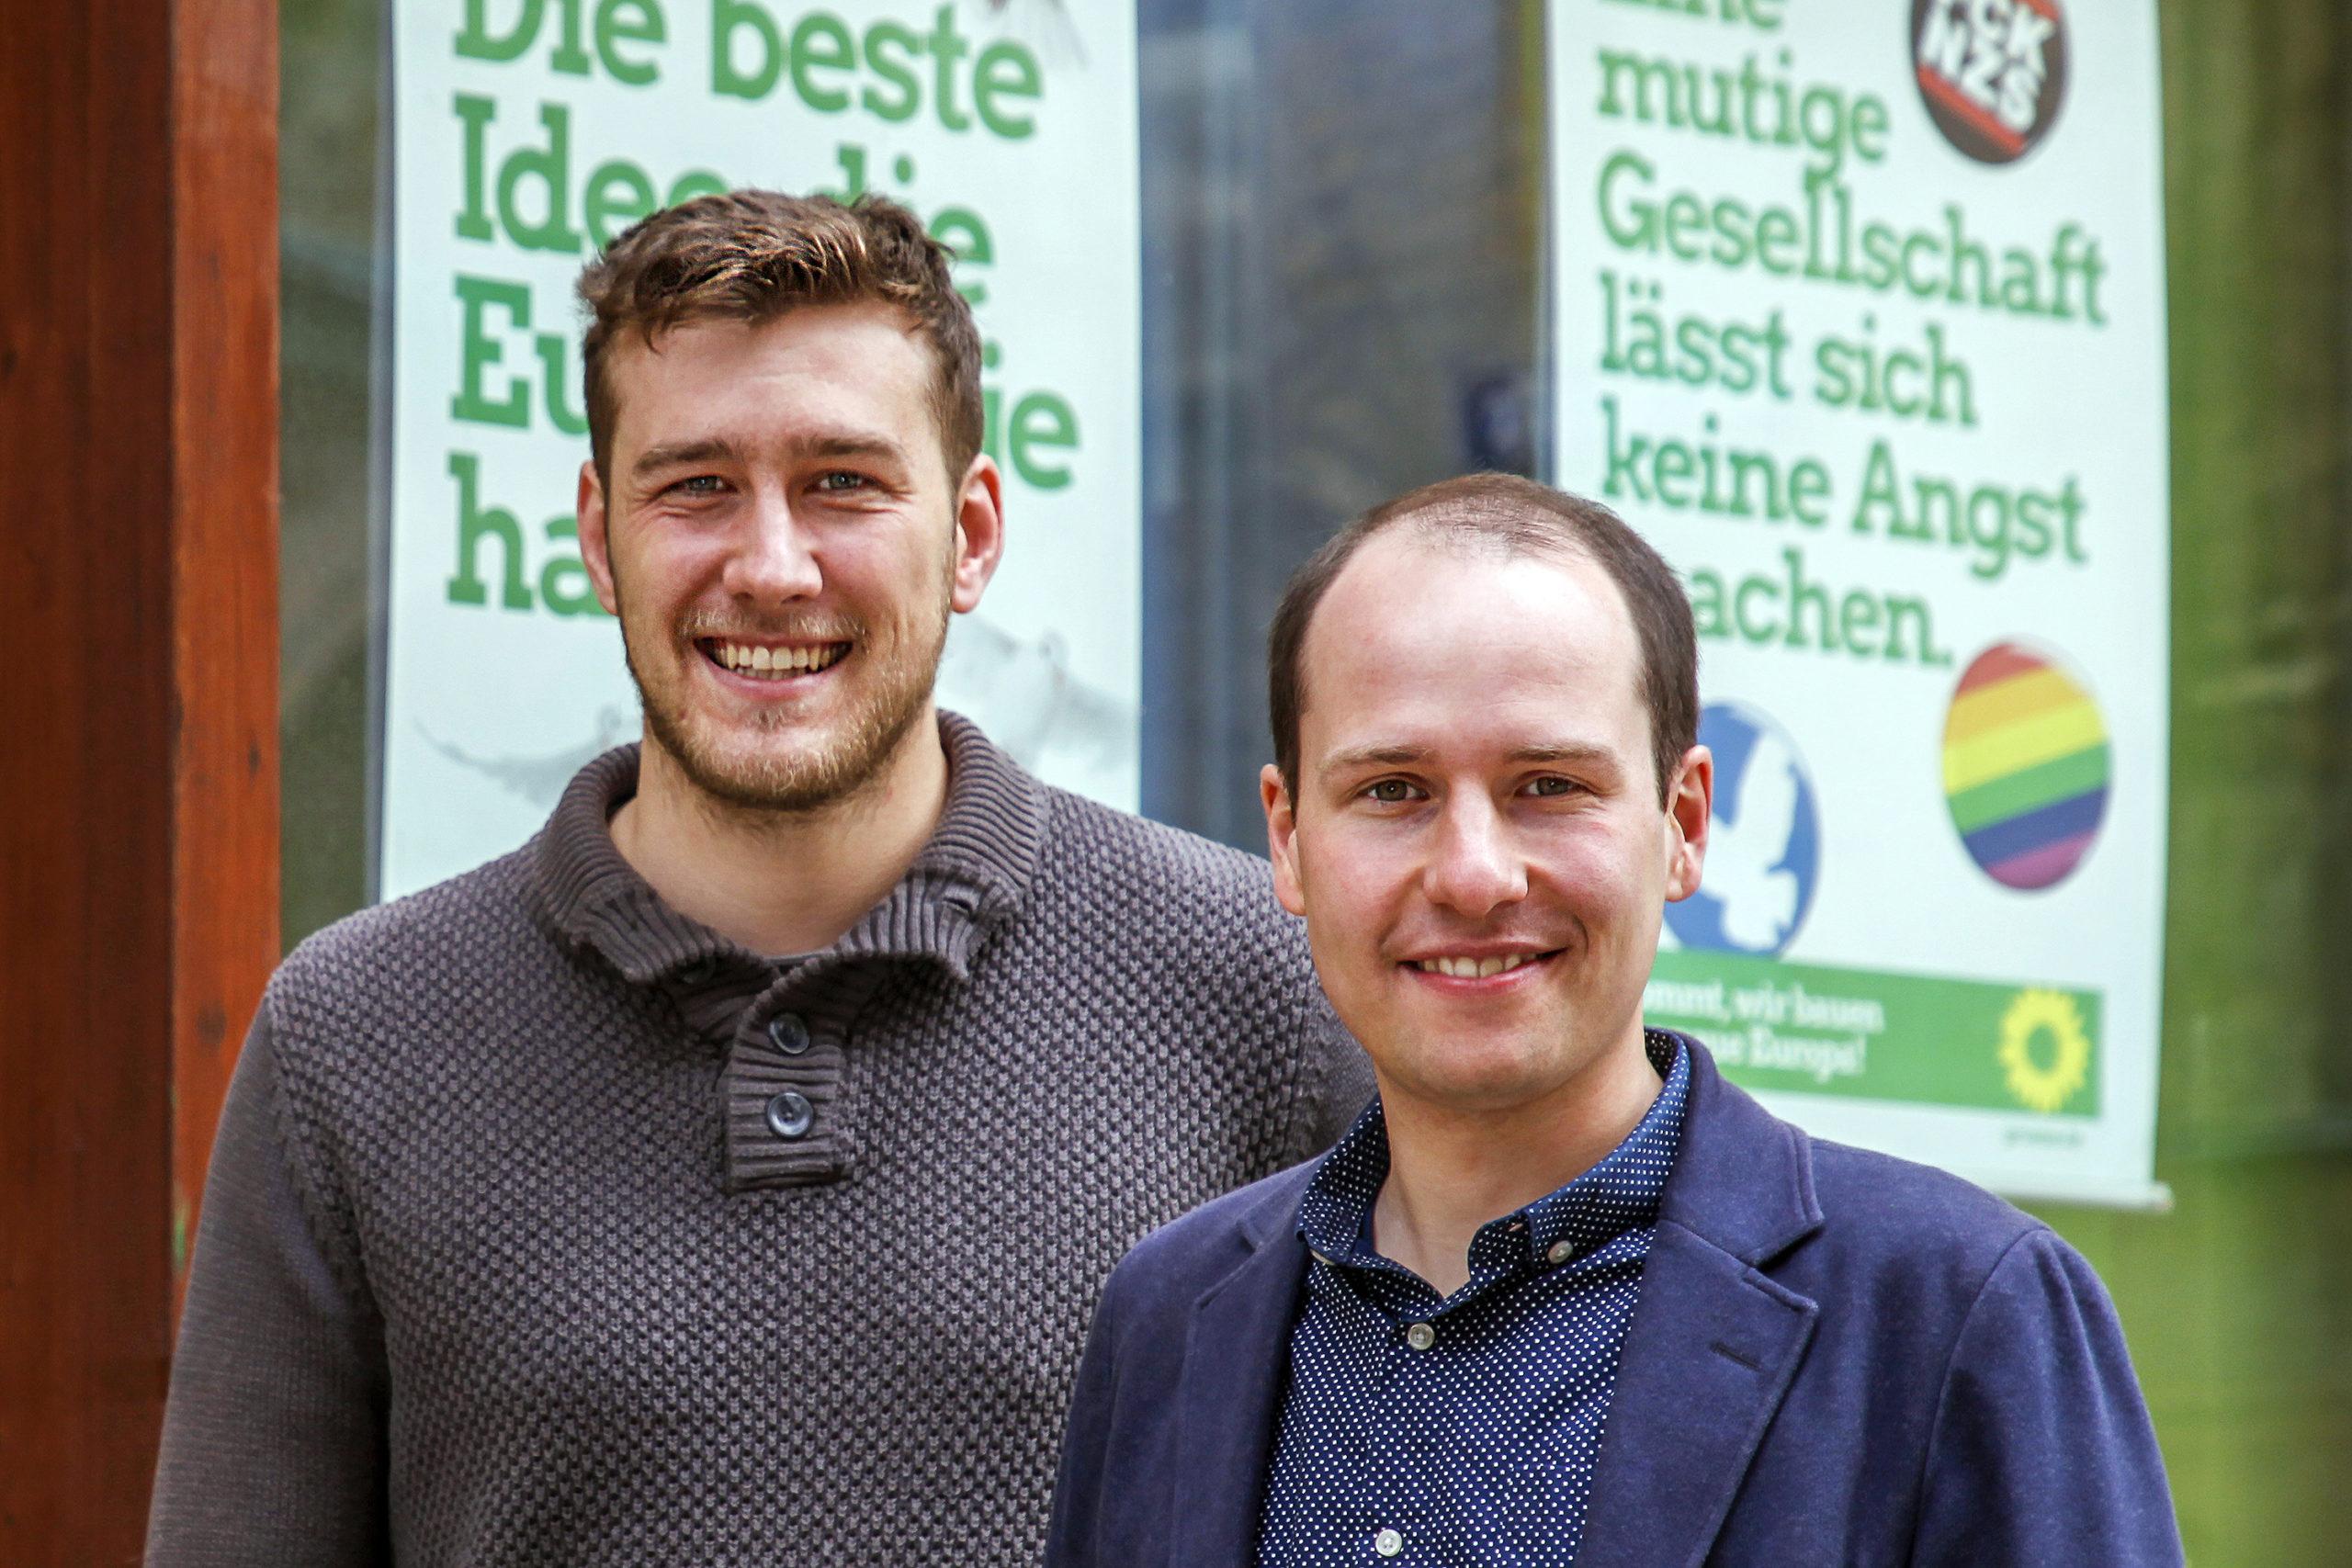 Teamfoto von Tim Pargent und seinem Mitarbeiter vor seinem Bayreuther Büro